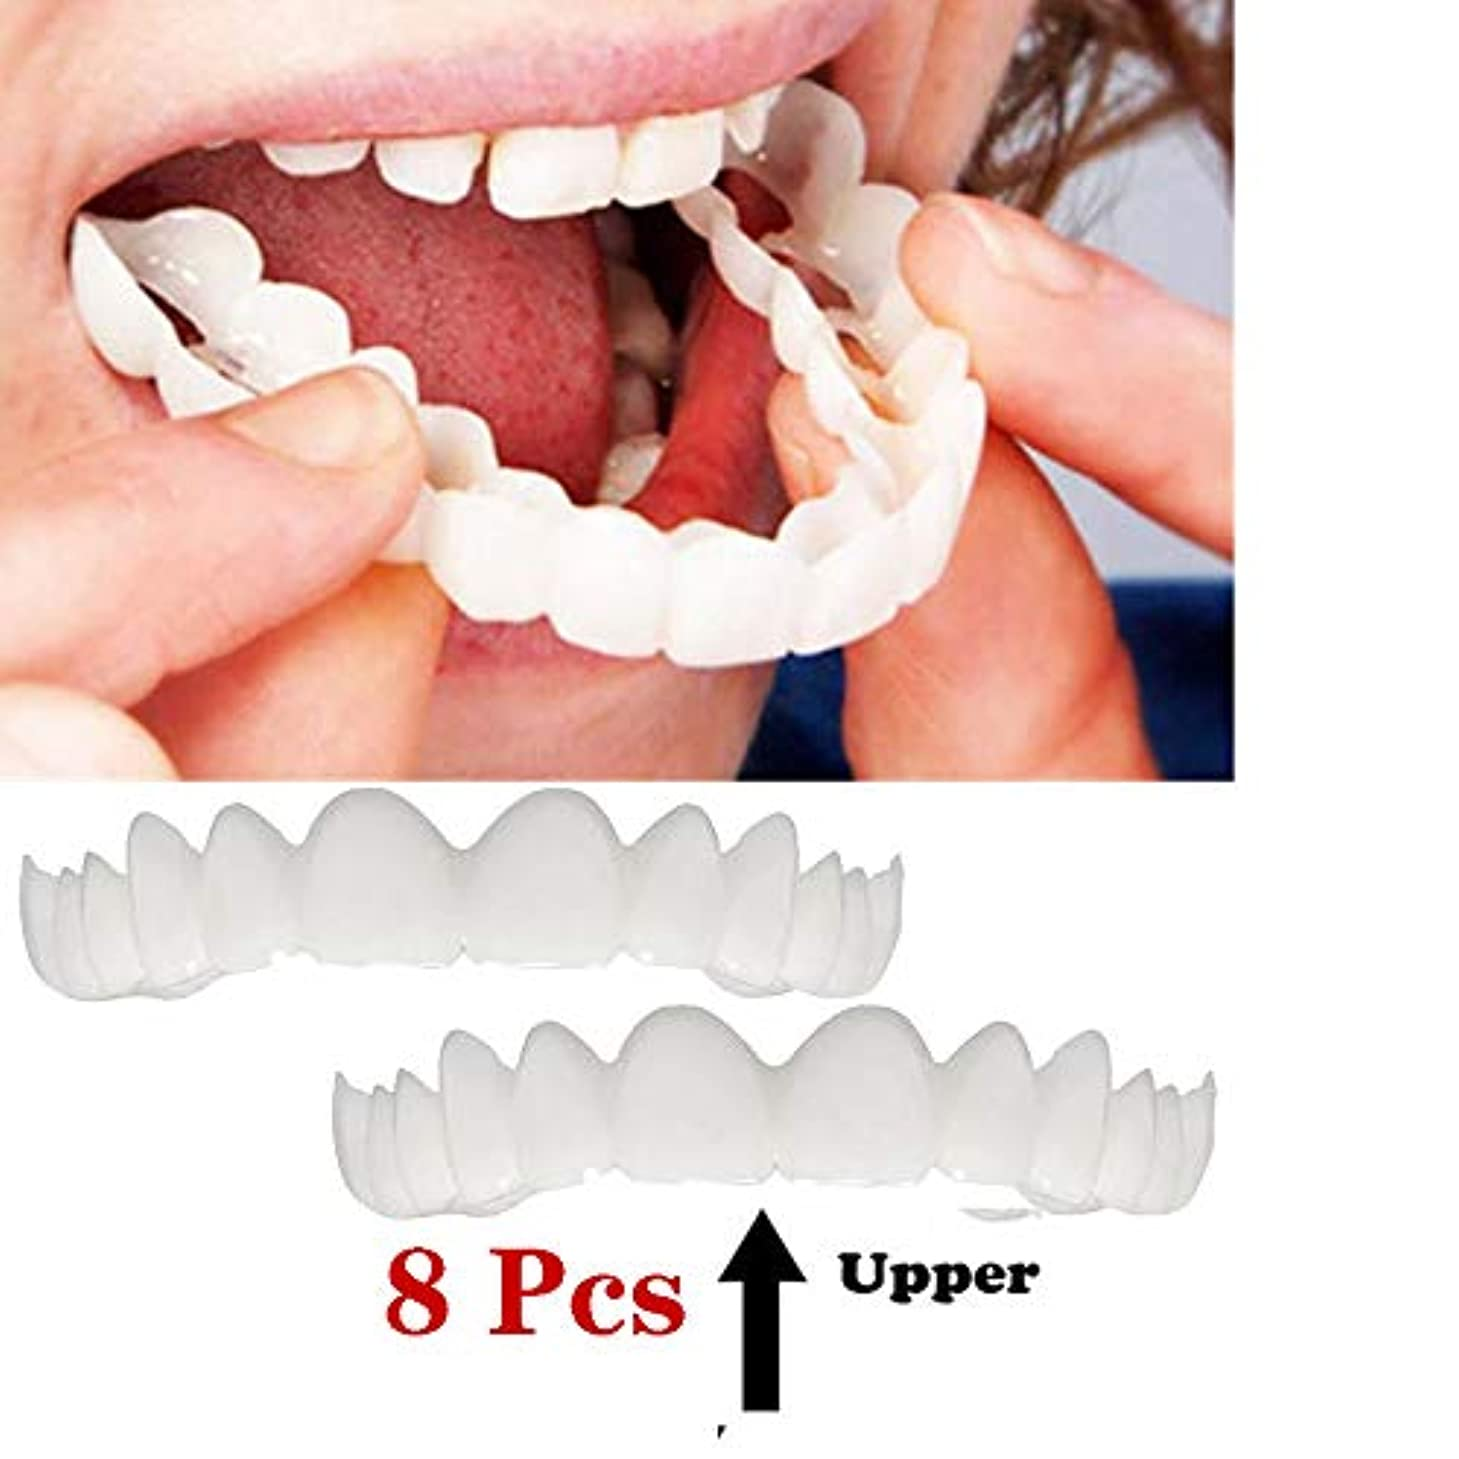 鉛大事にする着服8ピース突き板歯仮化粧品歯義歯歯模擬ブレースアッパーブレースホワイトニング歯スナップキャップインスタント快適なフレックスパーフェクトベニア